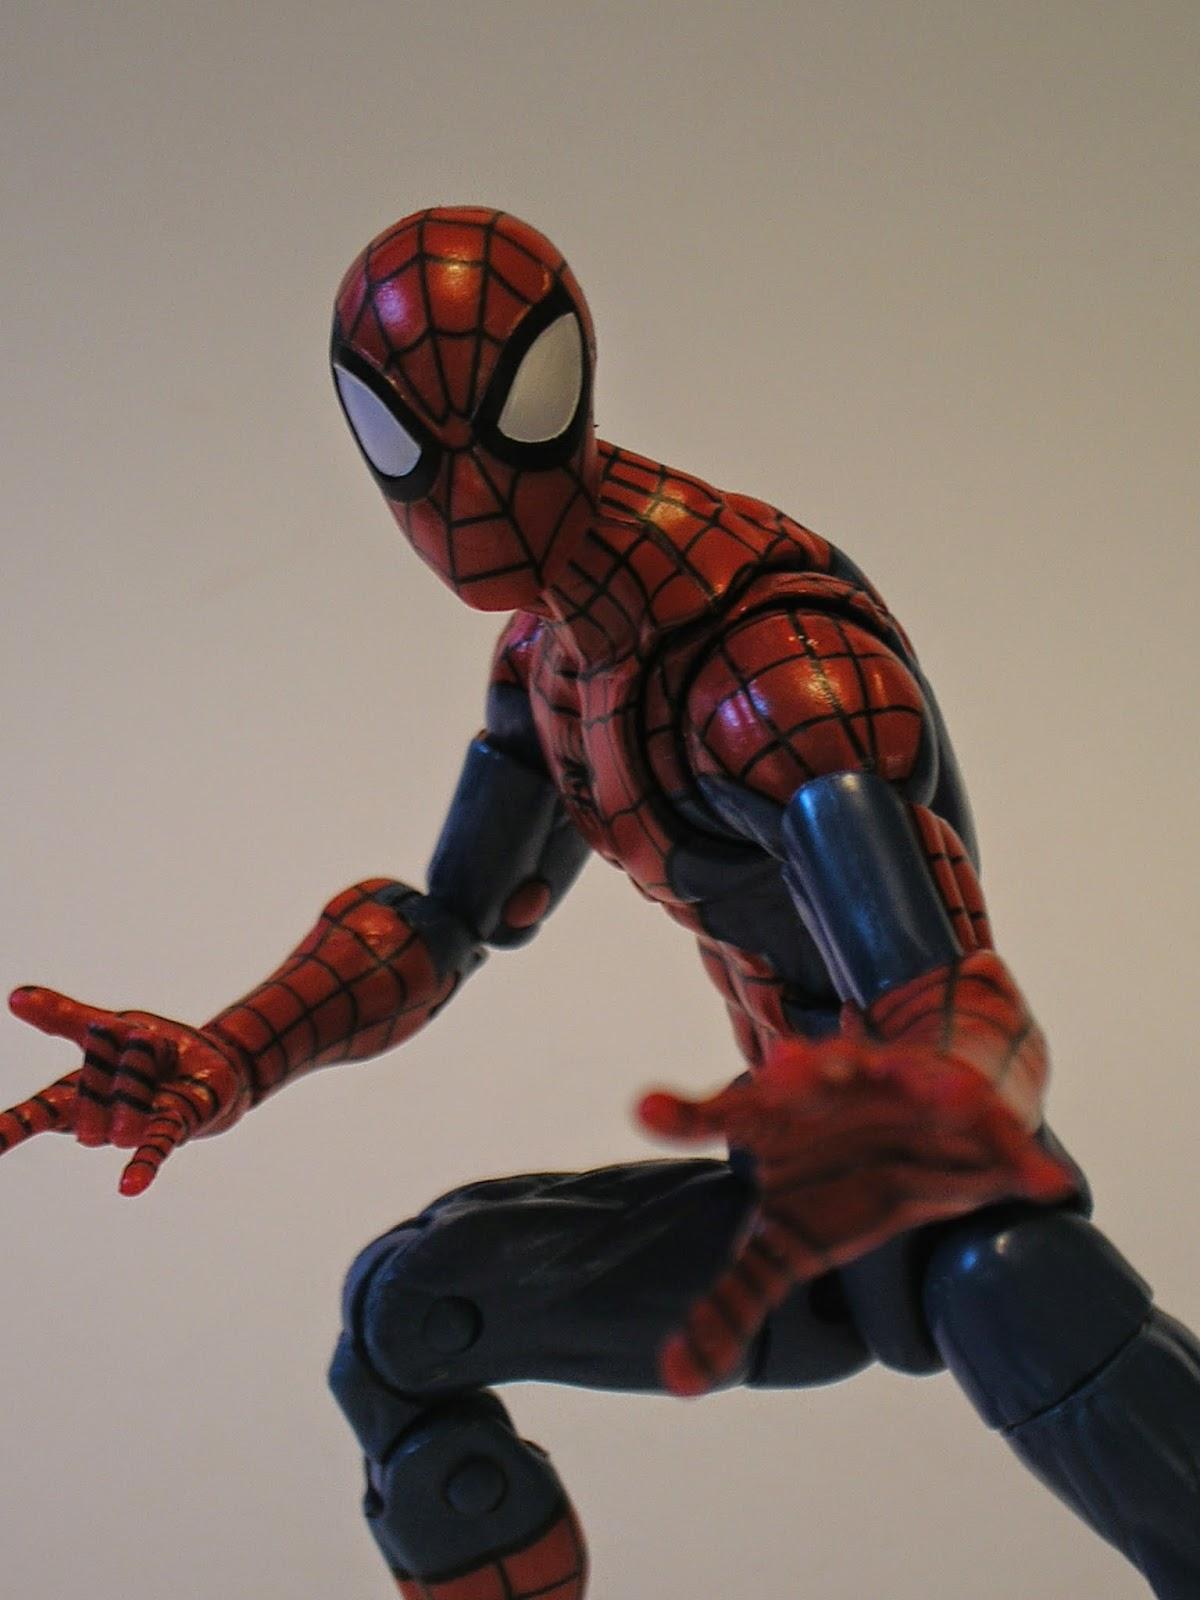 Professional classic spiderman toys ouiiiiiiiiiiiiiiiiiiiiiiiiiii